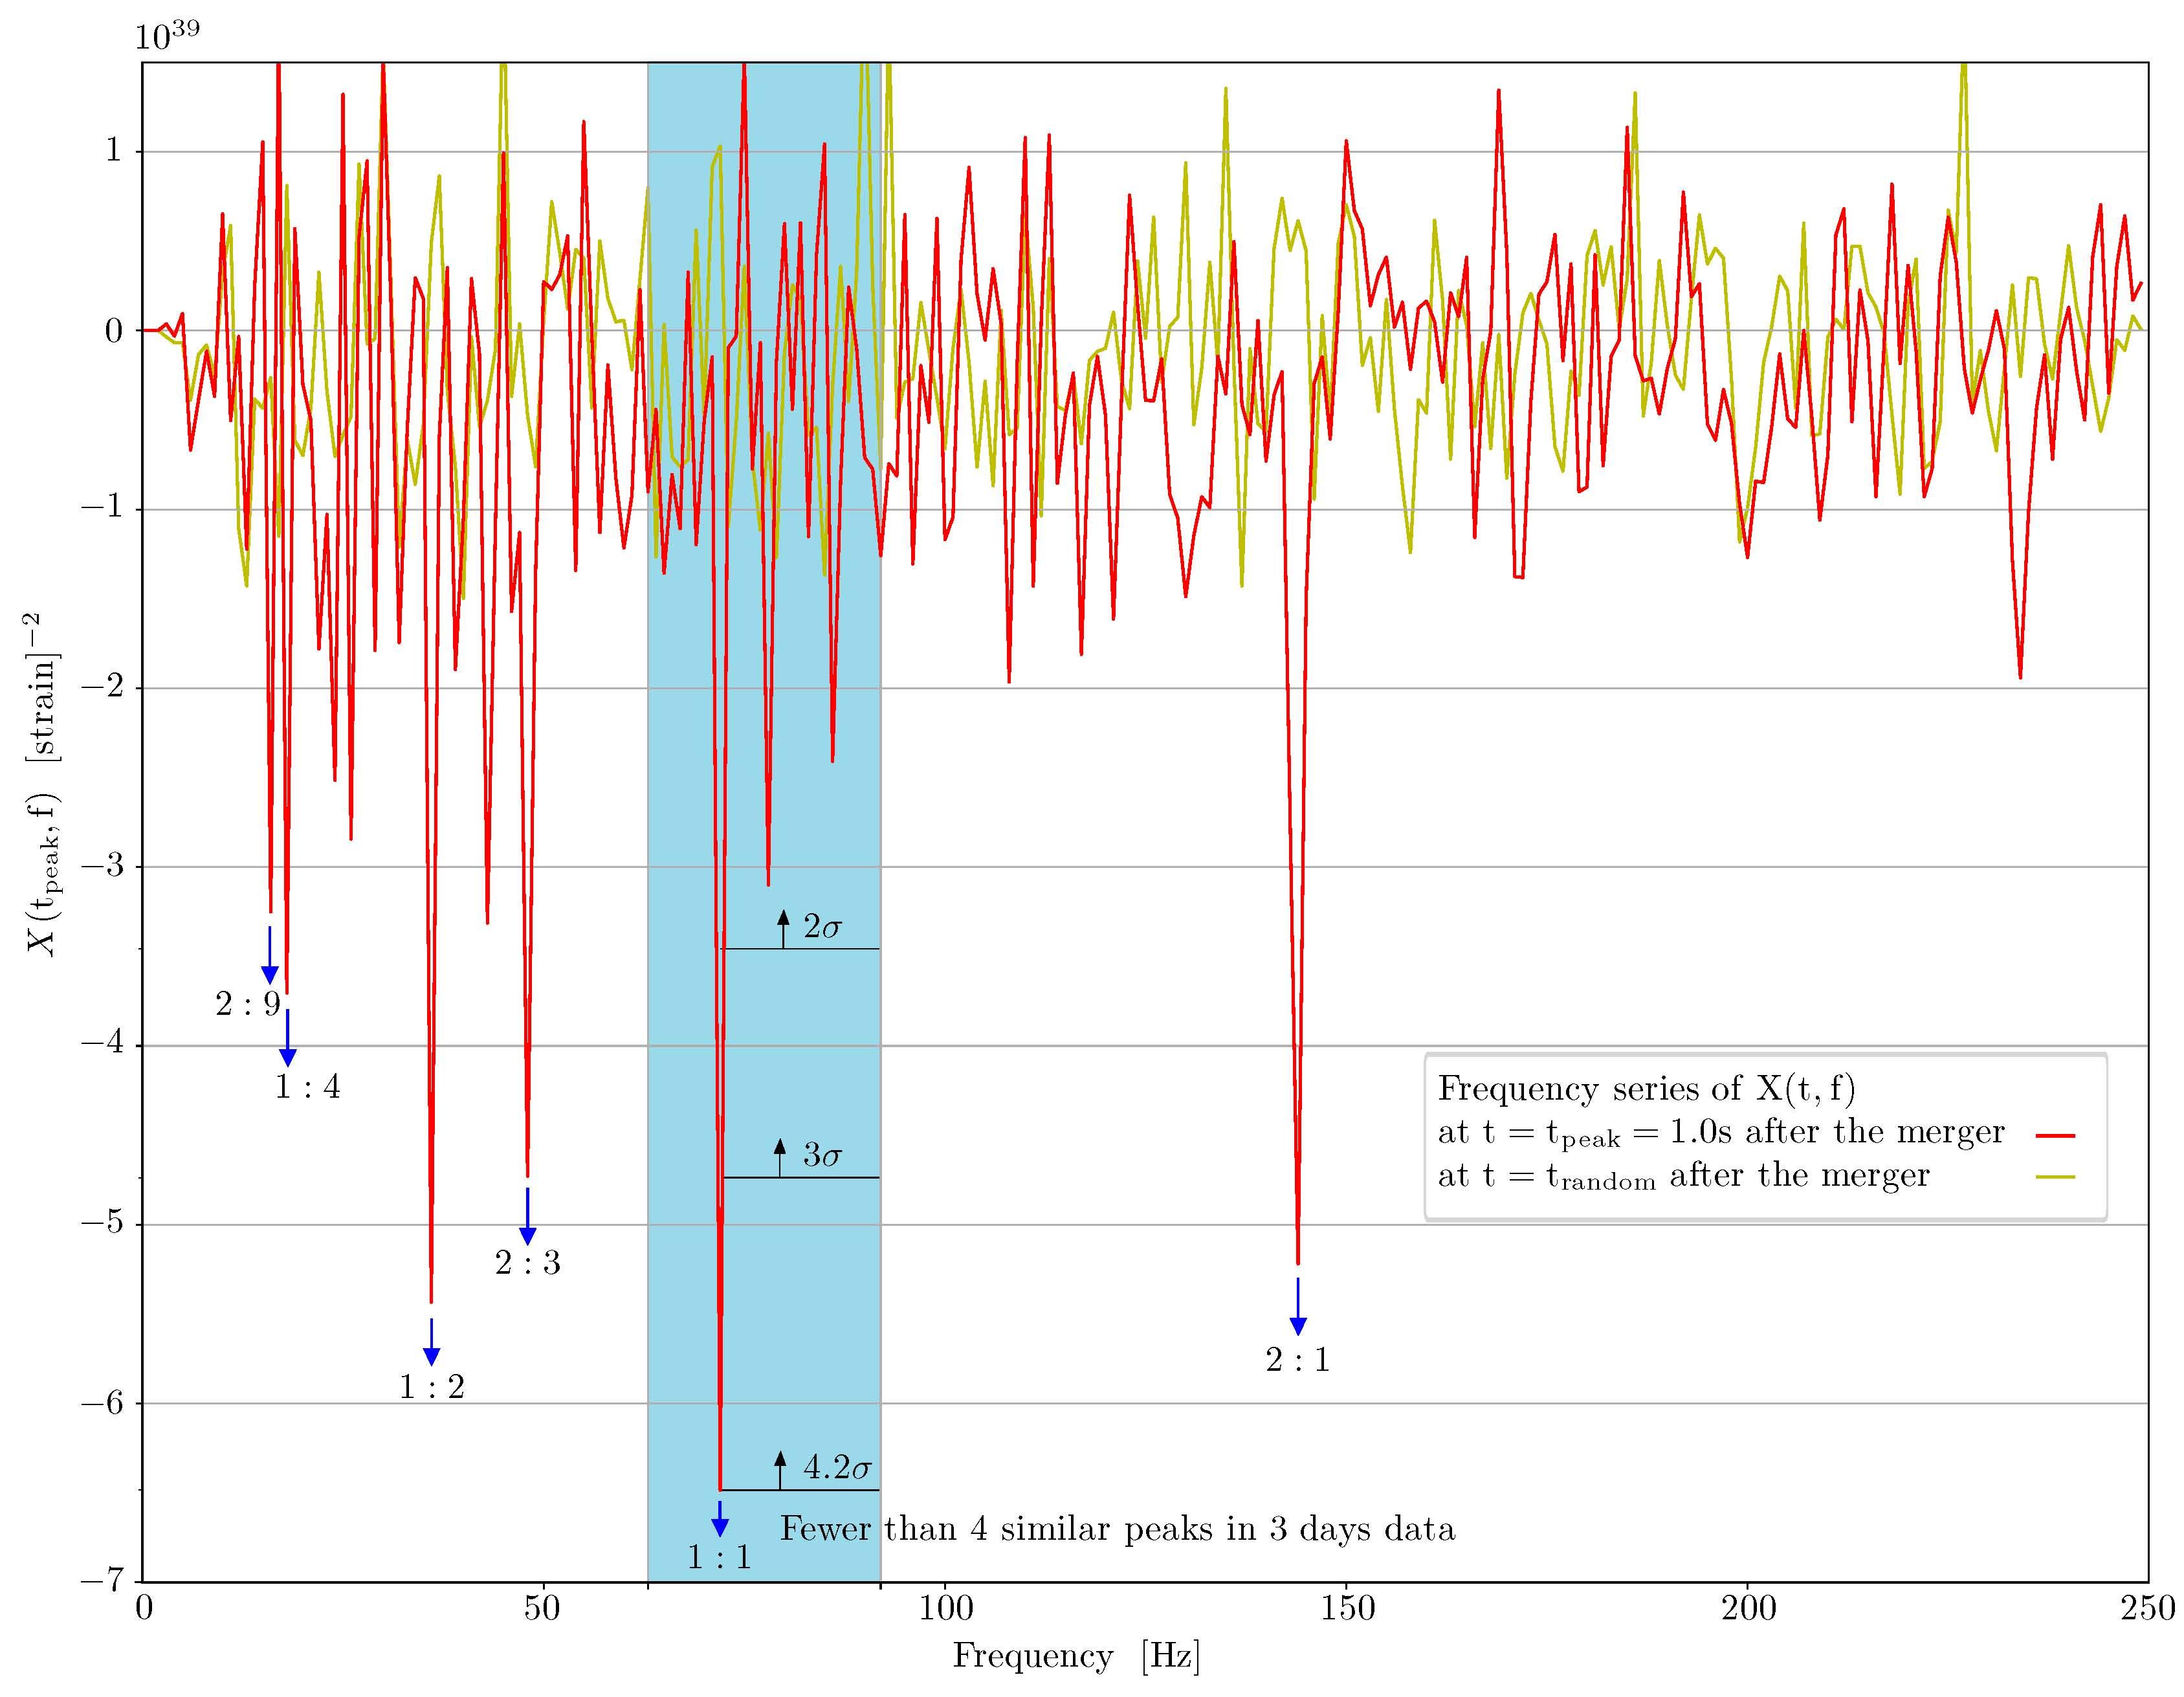 peaks_in_frequency_05_sec